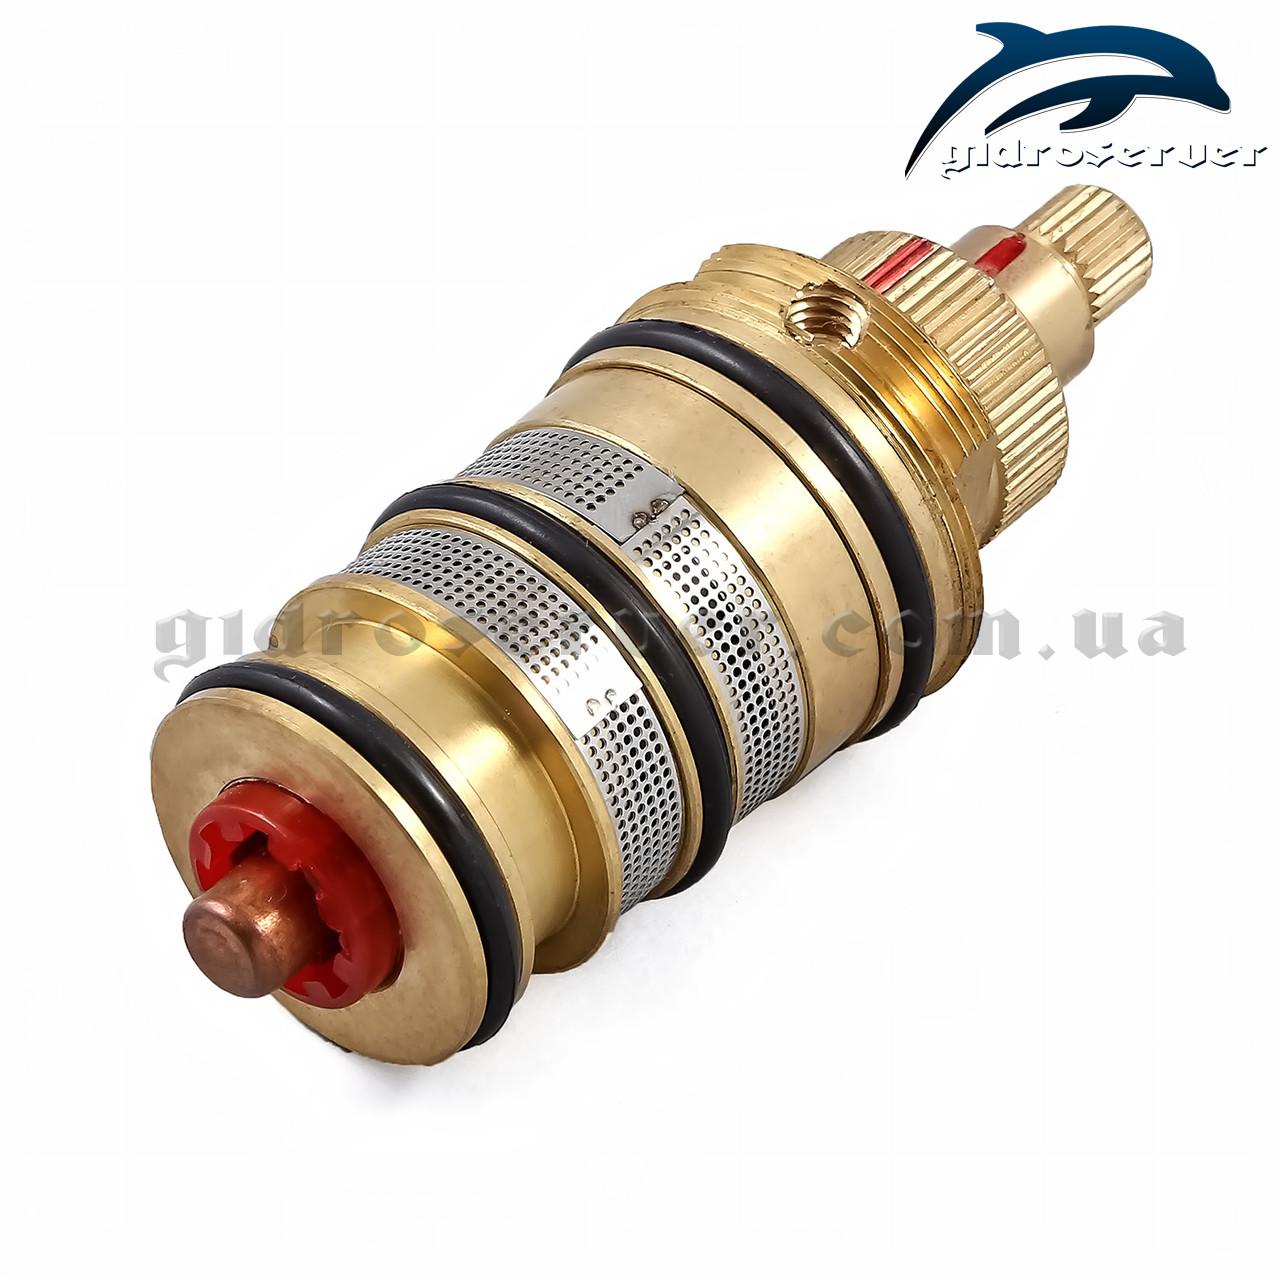 Картридж для смесителя с термостатом ТK - 04.